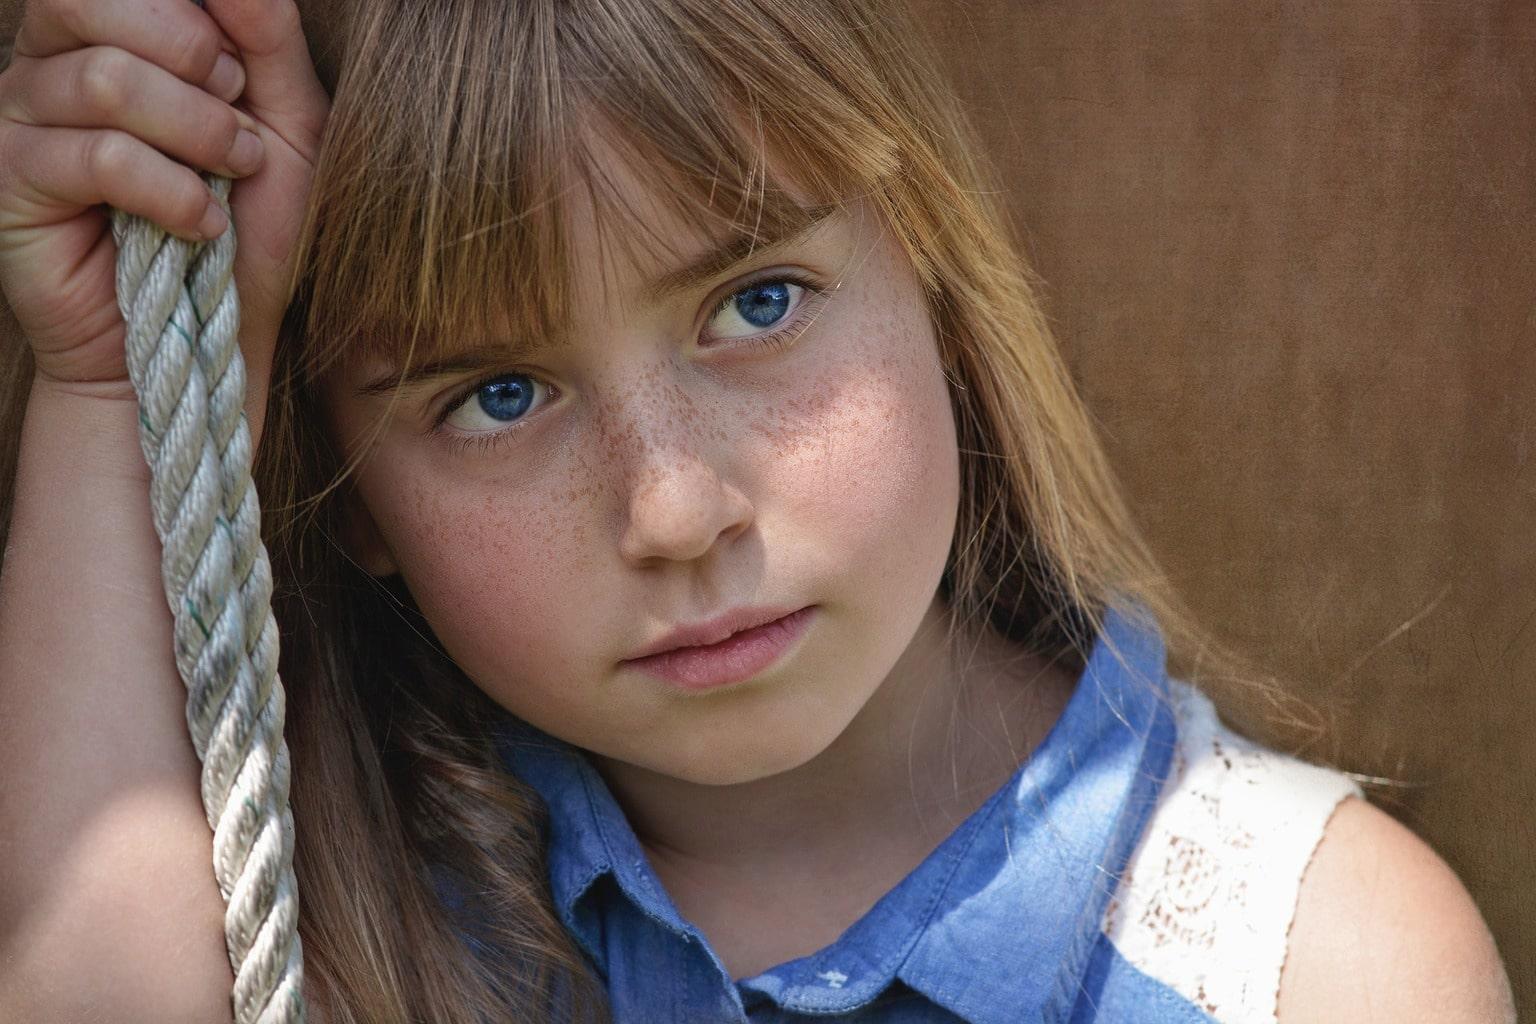 Retrato de niña con pecas y ojos azules